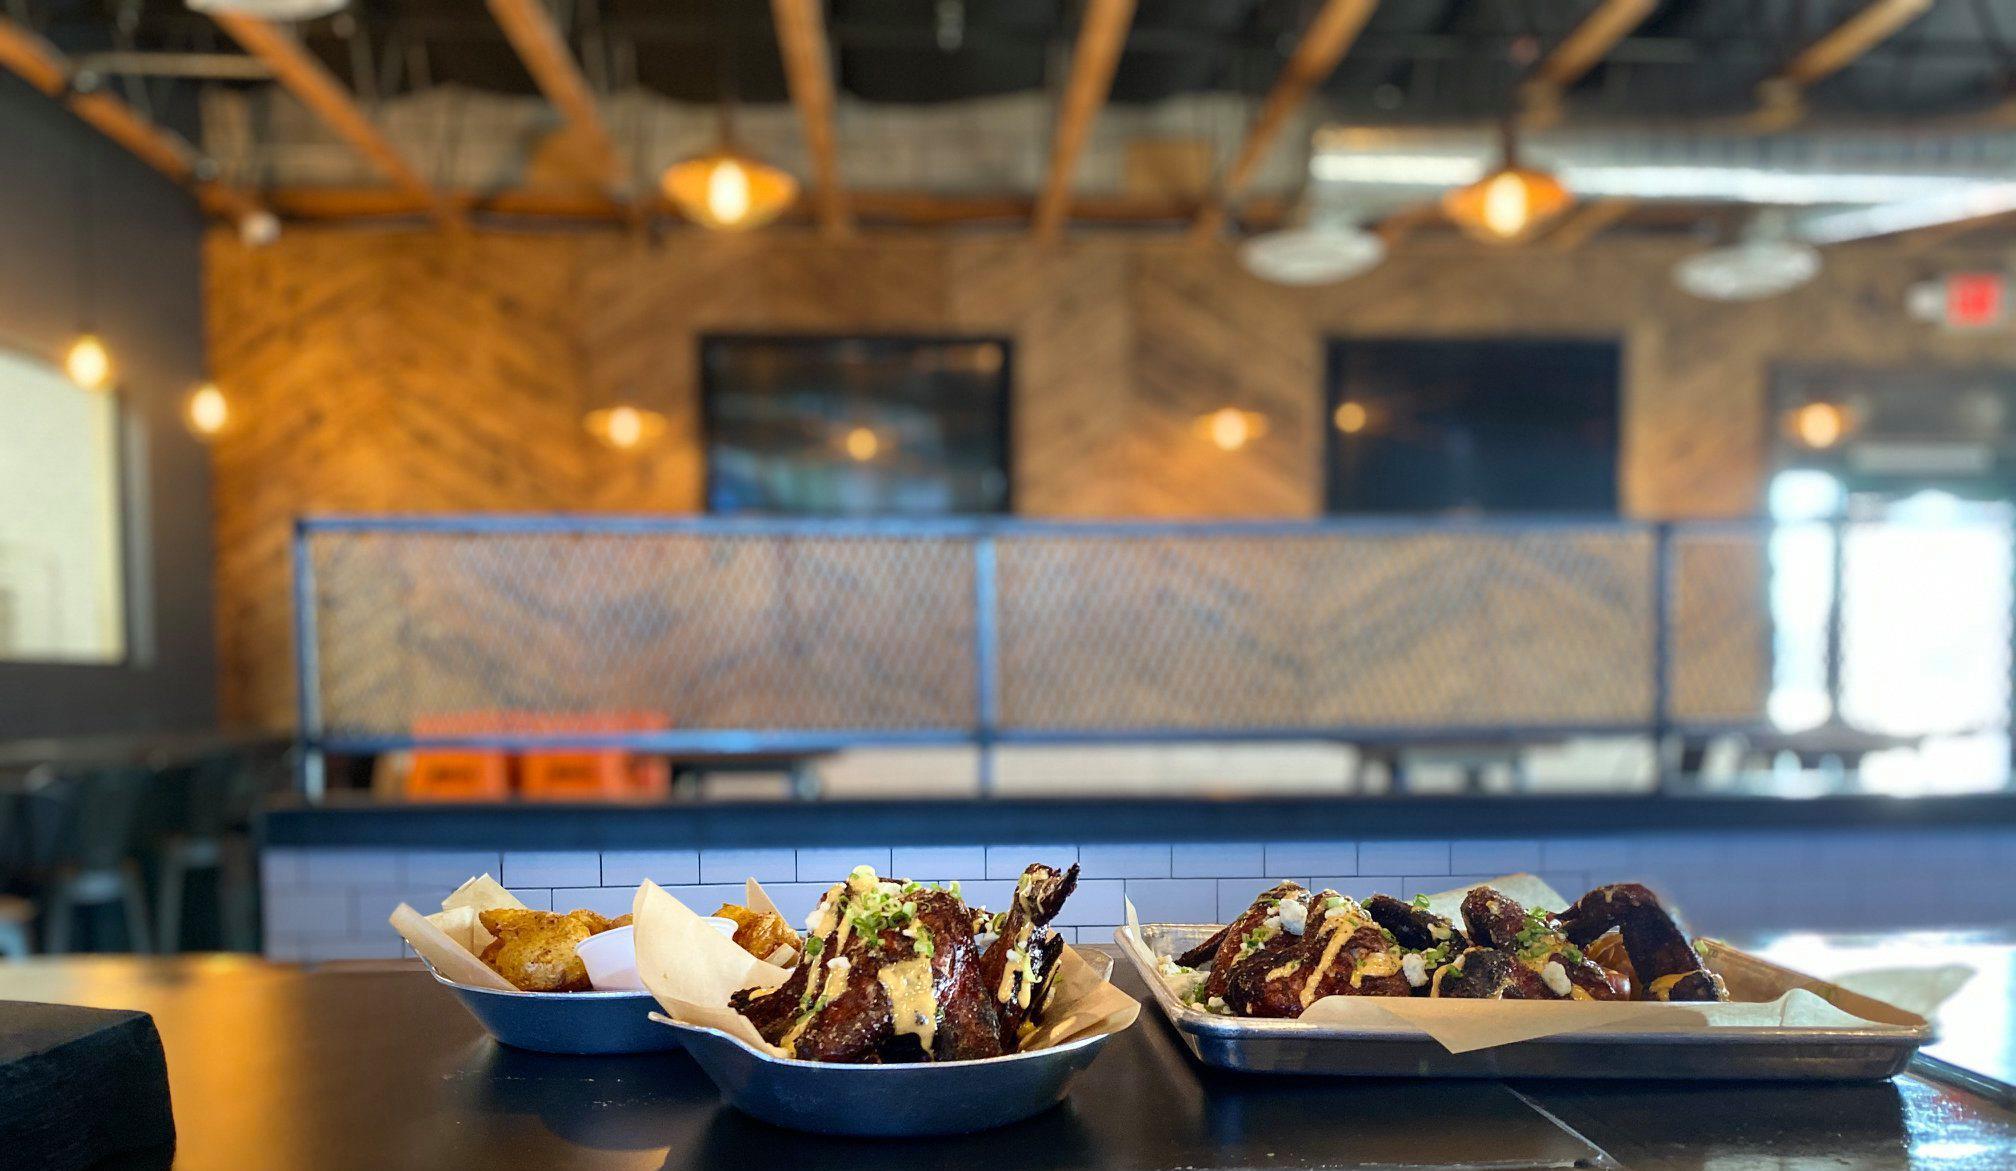 Food on plates at a bar